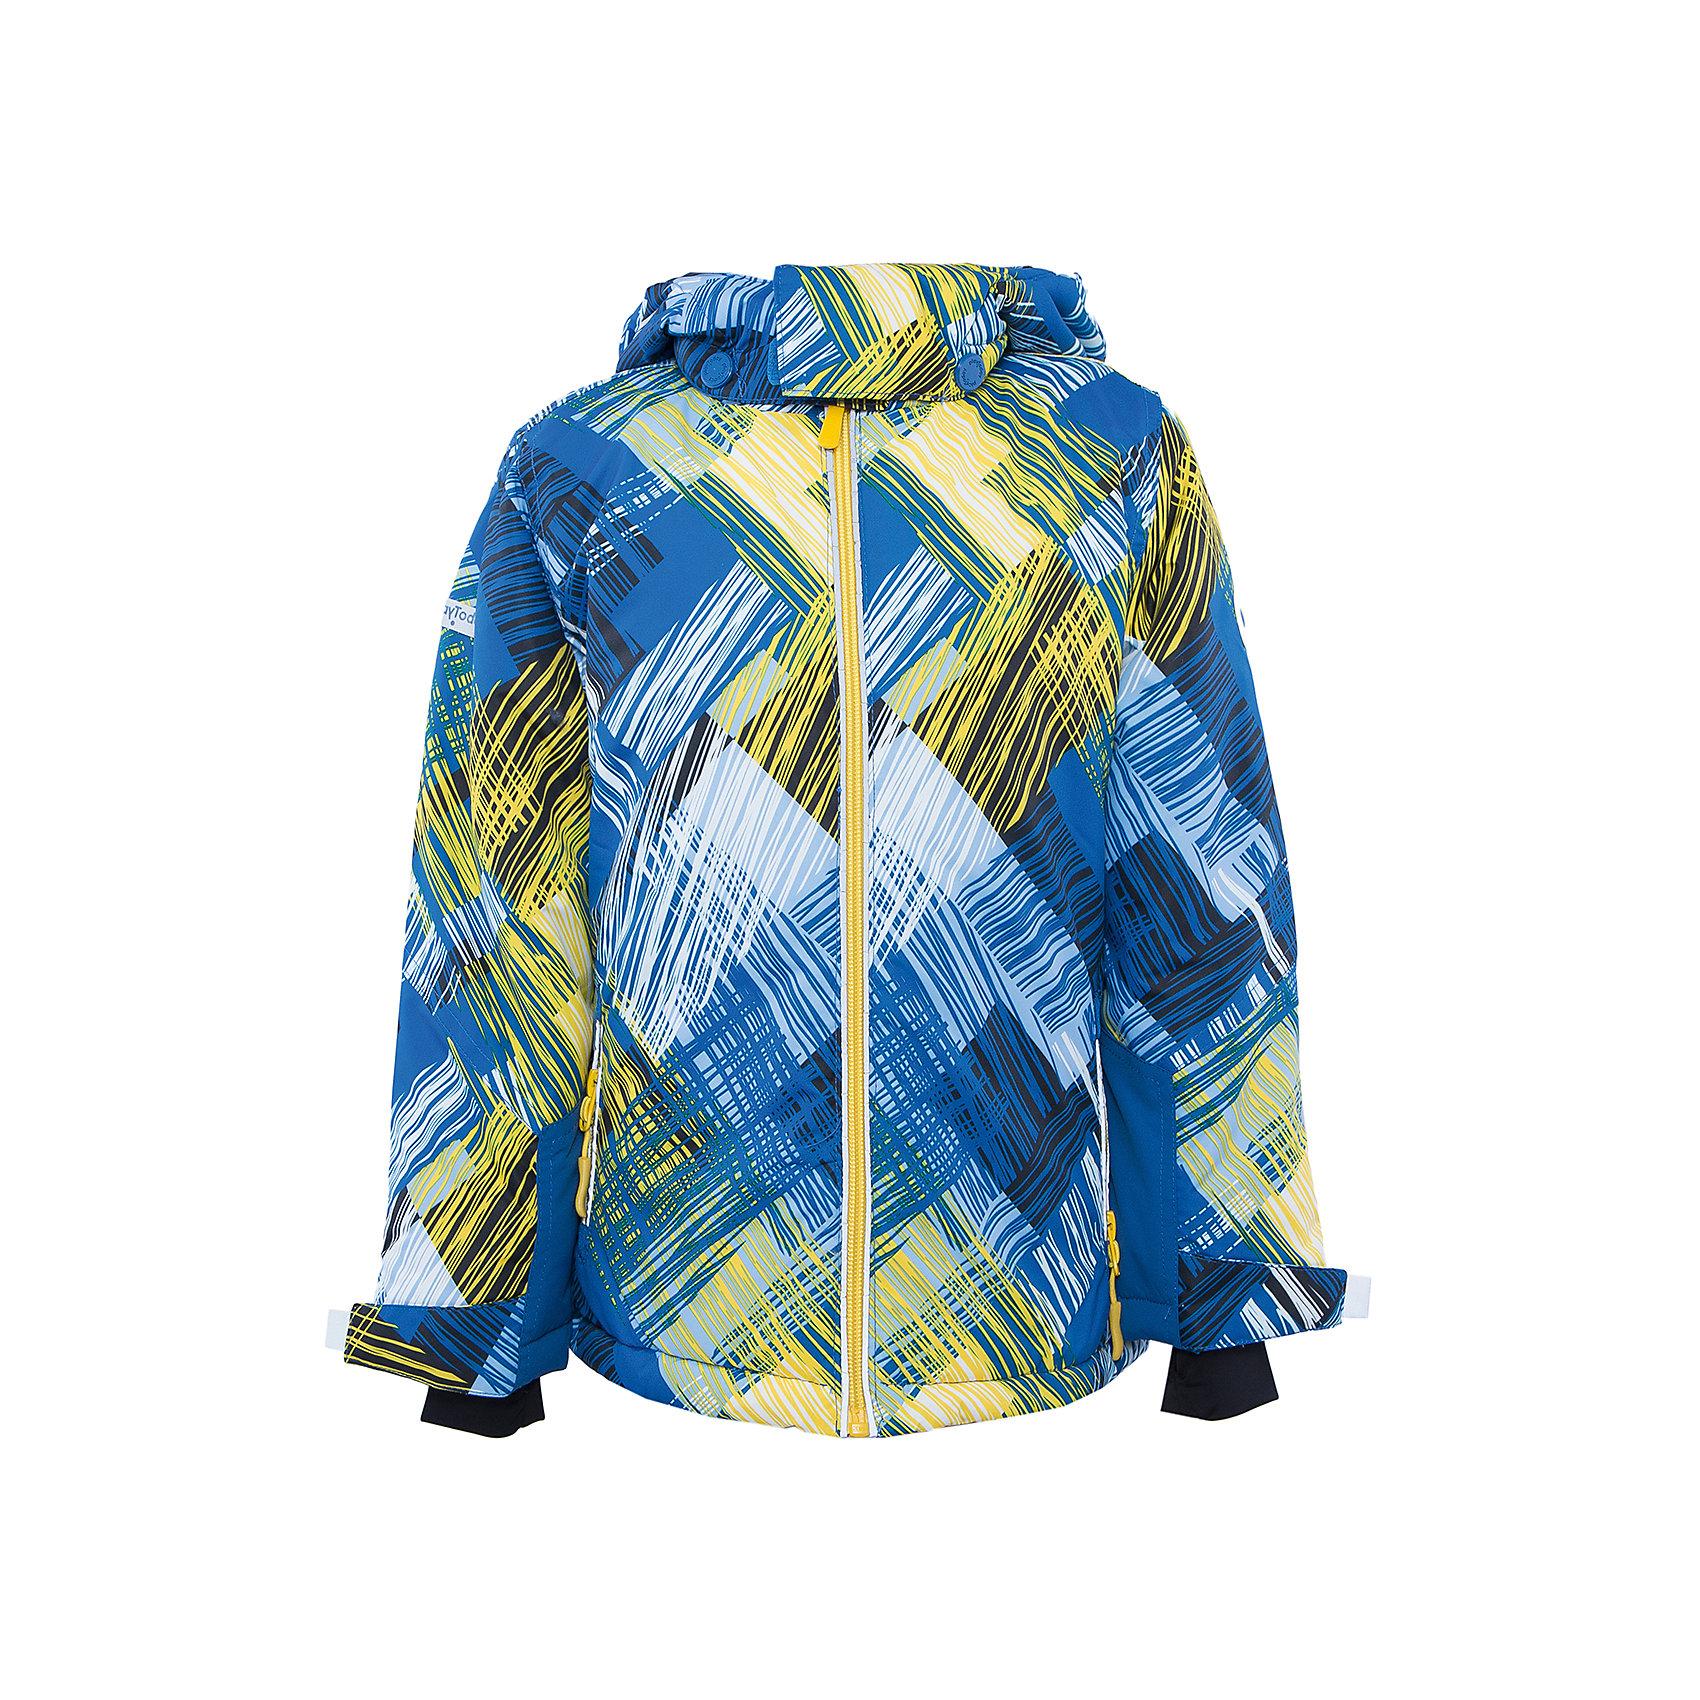 Куртка для девочки PlayTodayКуртка для девочки от известного бренда PlayToday.<br>Теплая куртка с капюшоном. Украшена ярким стильным принтом. Внутри уютная и флисовая подкладка. Застегивается на молнию. Внизу есть специальная вставка на резинке, пристегнув которую вы надежно защитите ребенка от снега. Капюшон удобно отстегивается, воротник на липучке. Есть два функциональных кармашка и светоотражатели. На рукавах дополнительные трикотажные манжеты-полуважерки с отверстием для большого пальца, которые обеспечивают защиту от ветра.<br>Состав:<br>Верх: 100% полиэстер, Подкладка: 100% полиэстер, Наполнитель: 100% полиэстер, 300 г/м2<br><br>Ширина мм: 356<br>Глубина мм: 10<br>Высота мм: 245<br>Вес г: 519<br>Цвет: разноцветный<br>Возраст от месяцев: 36<br>Возраст до месяцев: 48<br>Пол: Женский<br>Возраст: Детский<br>Размер: 104,122,98,110,116,128<br>SKU: 4898395